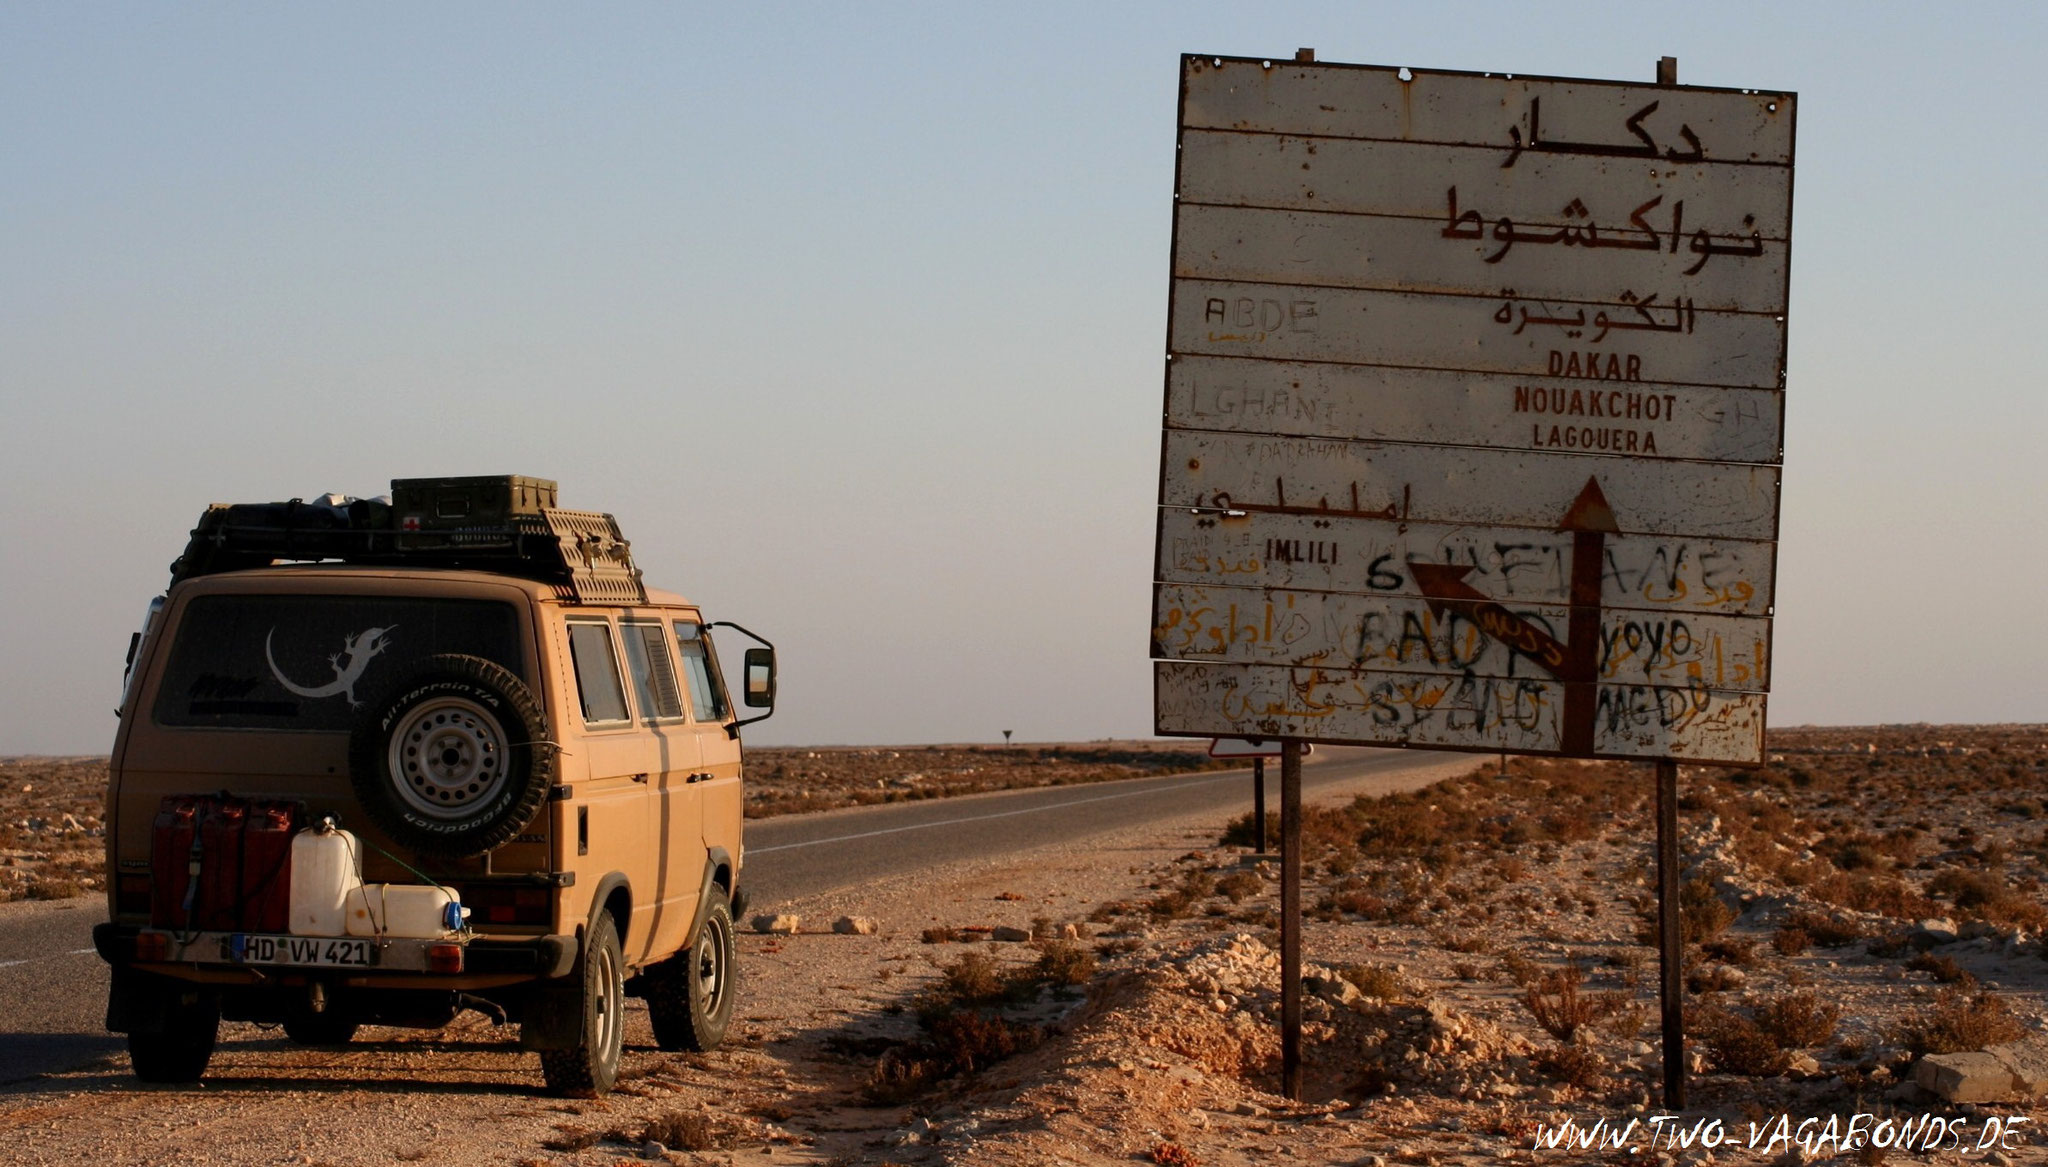 WEST SAHARA 2006 - AUF DEM WEG NACH MAURETANIEN